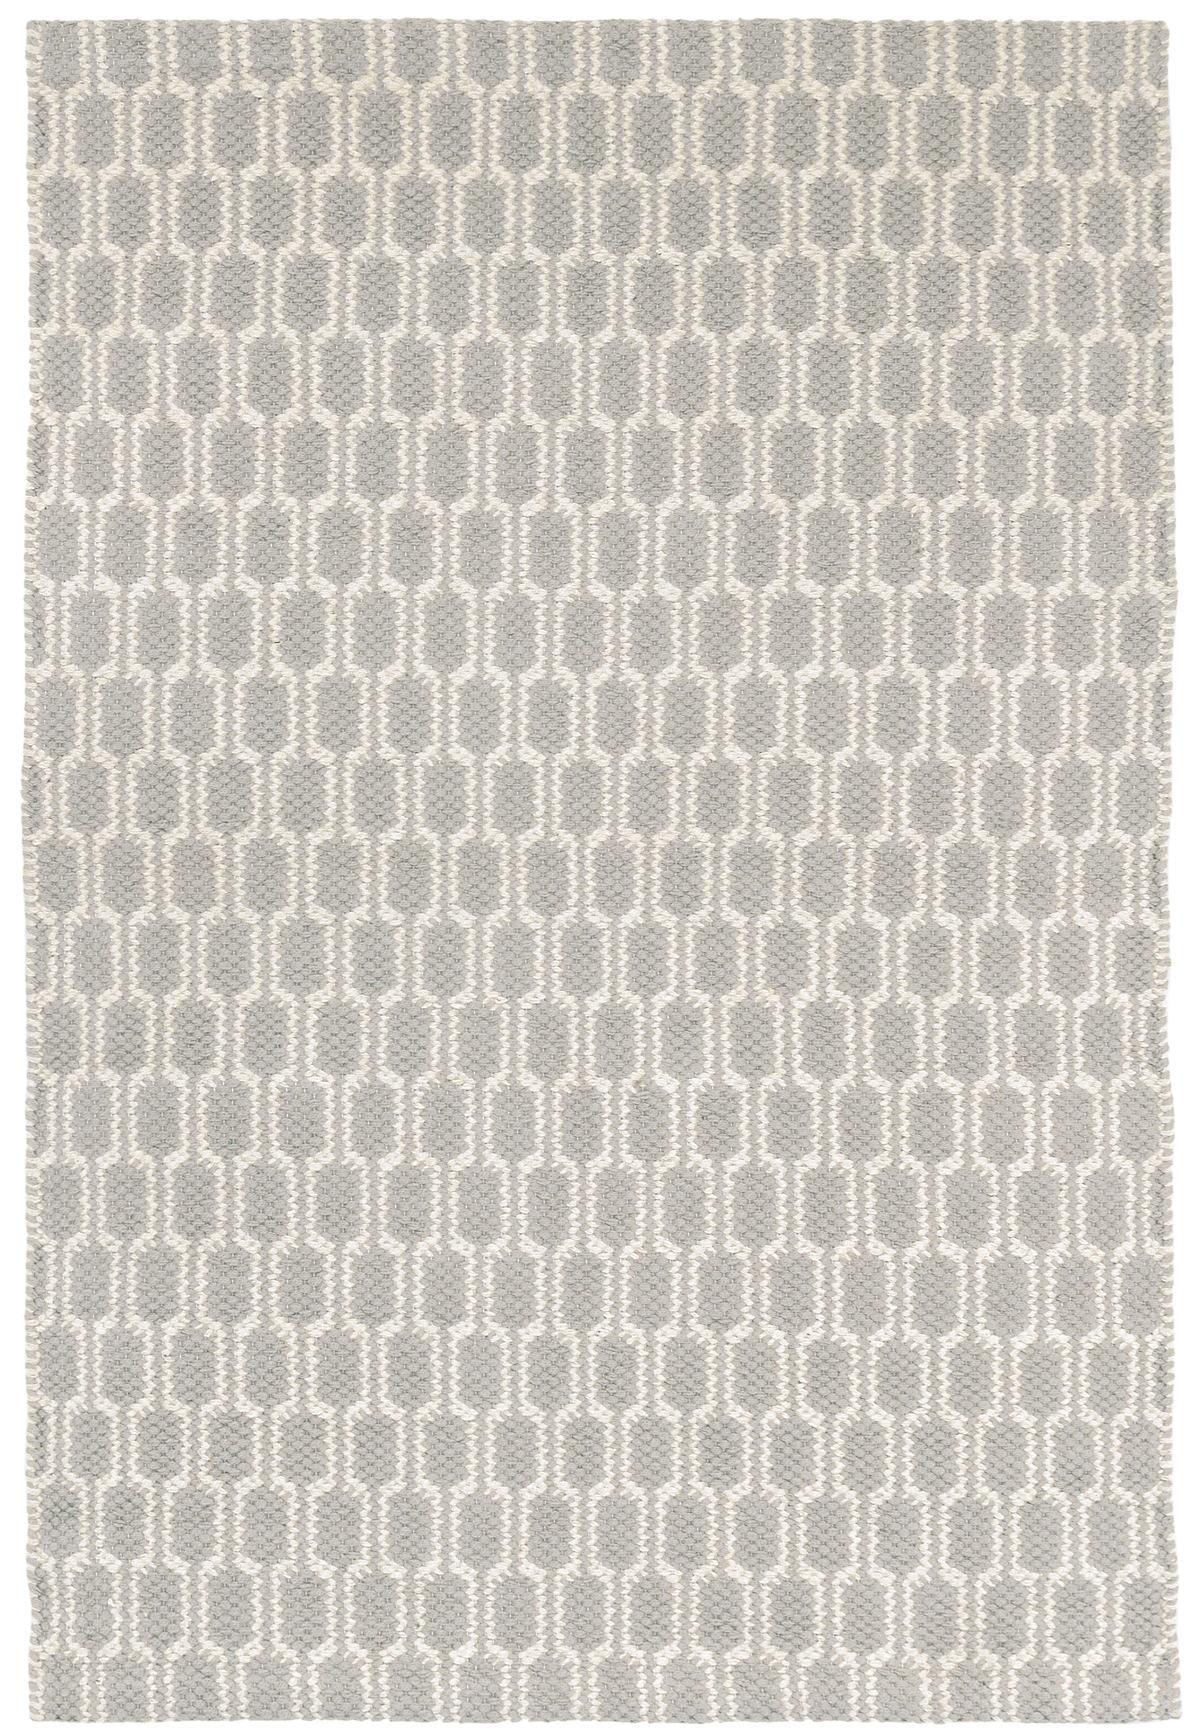 Terra Dove Grey Woven Cotton Rug